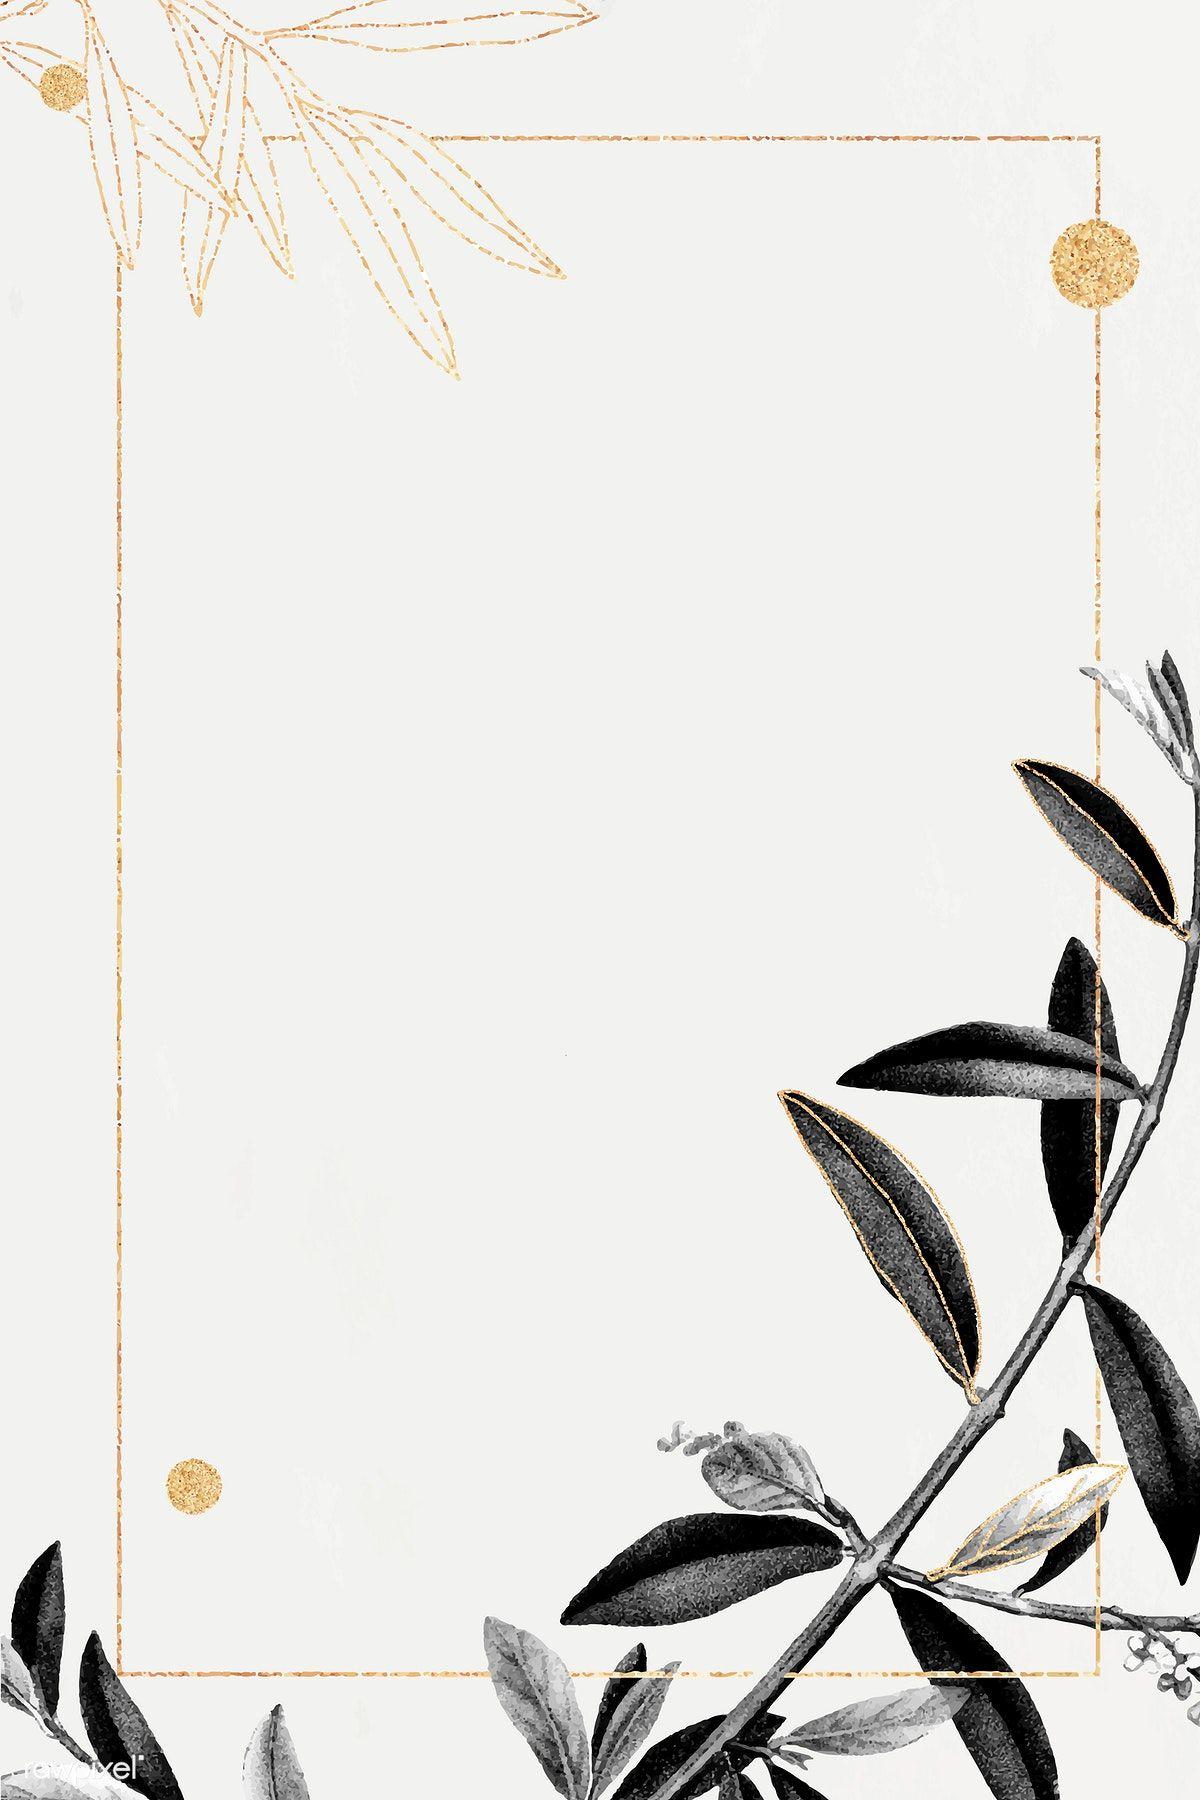 Download Premium Vector Of Rectangle Gold Frame With Olive Branch Pattern Olive Branch Gold Frame Floral Border Design